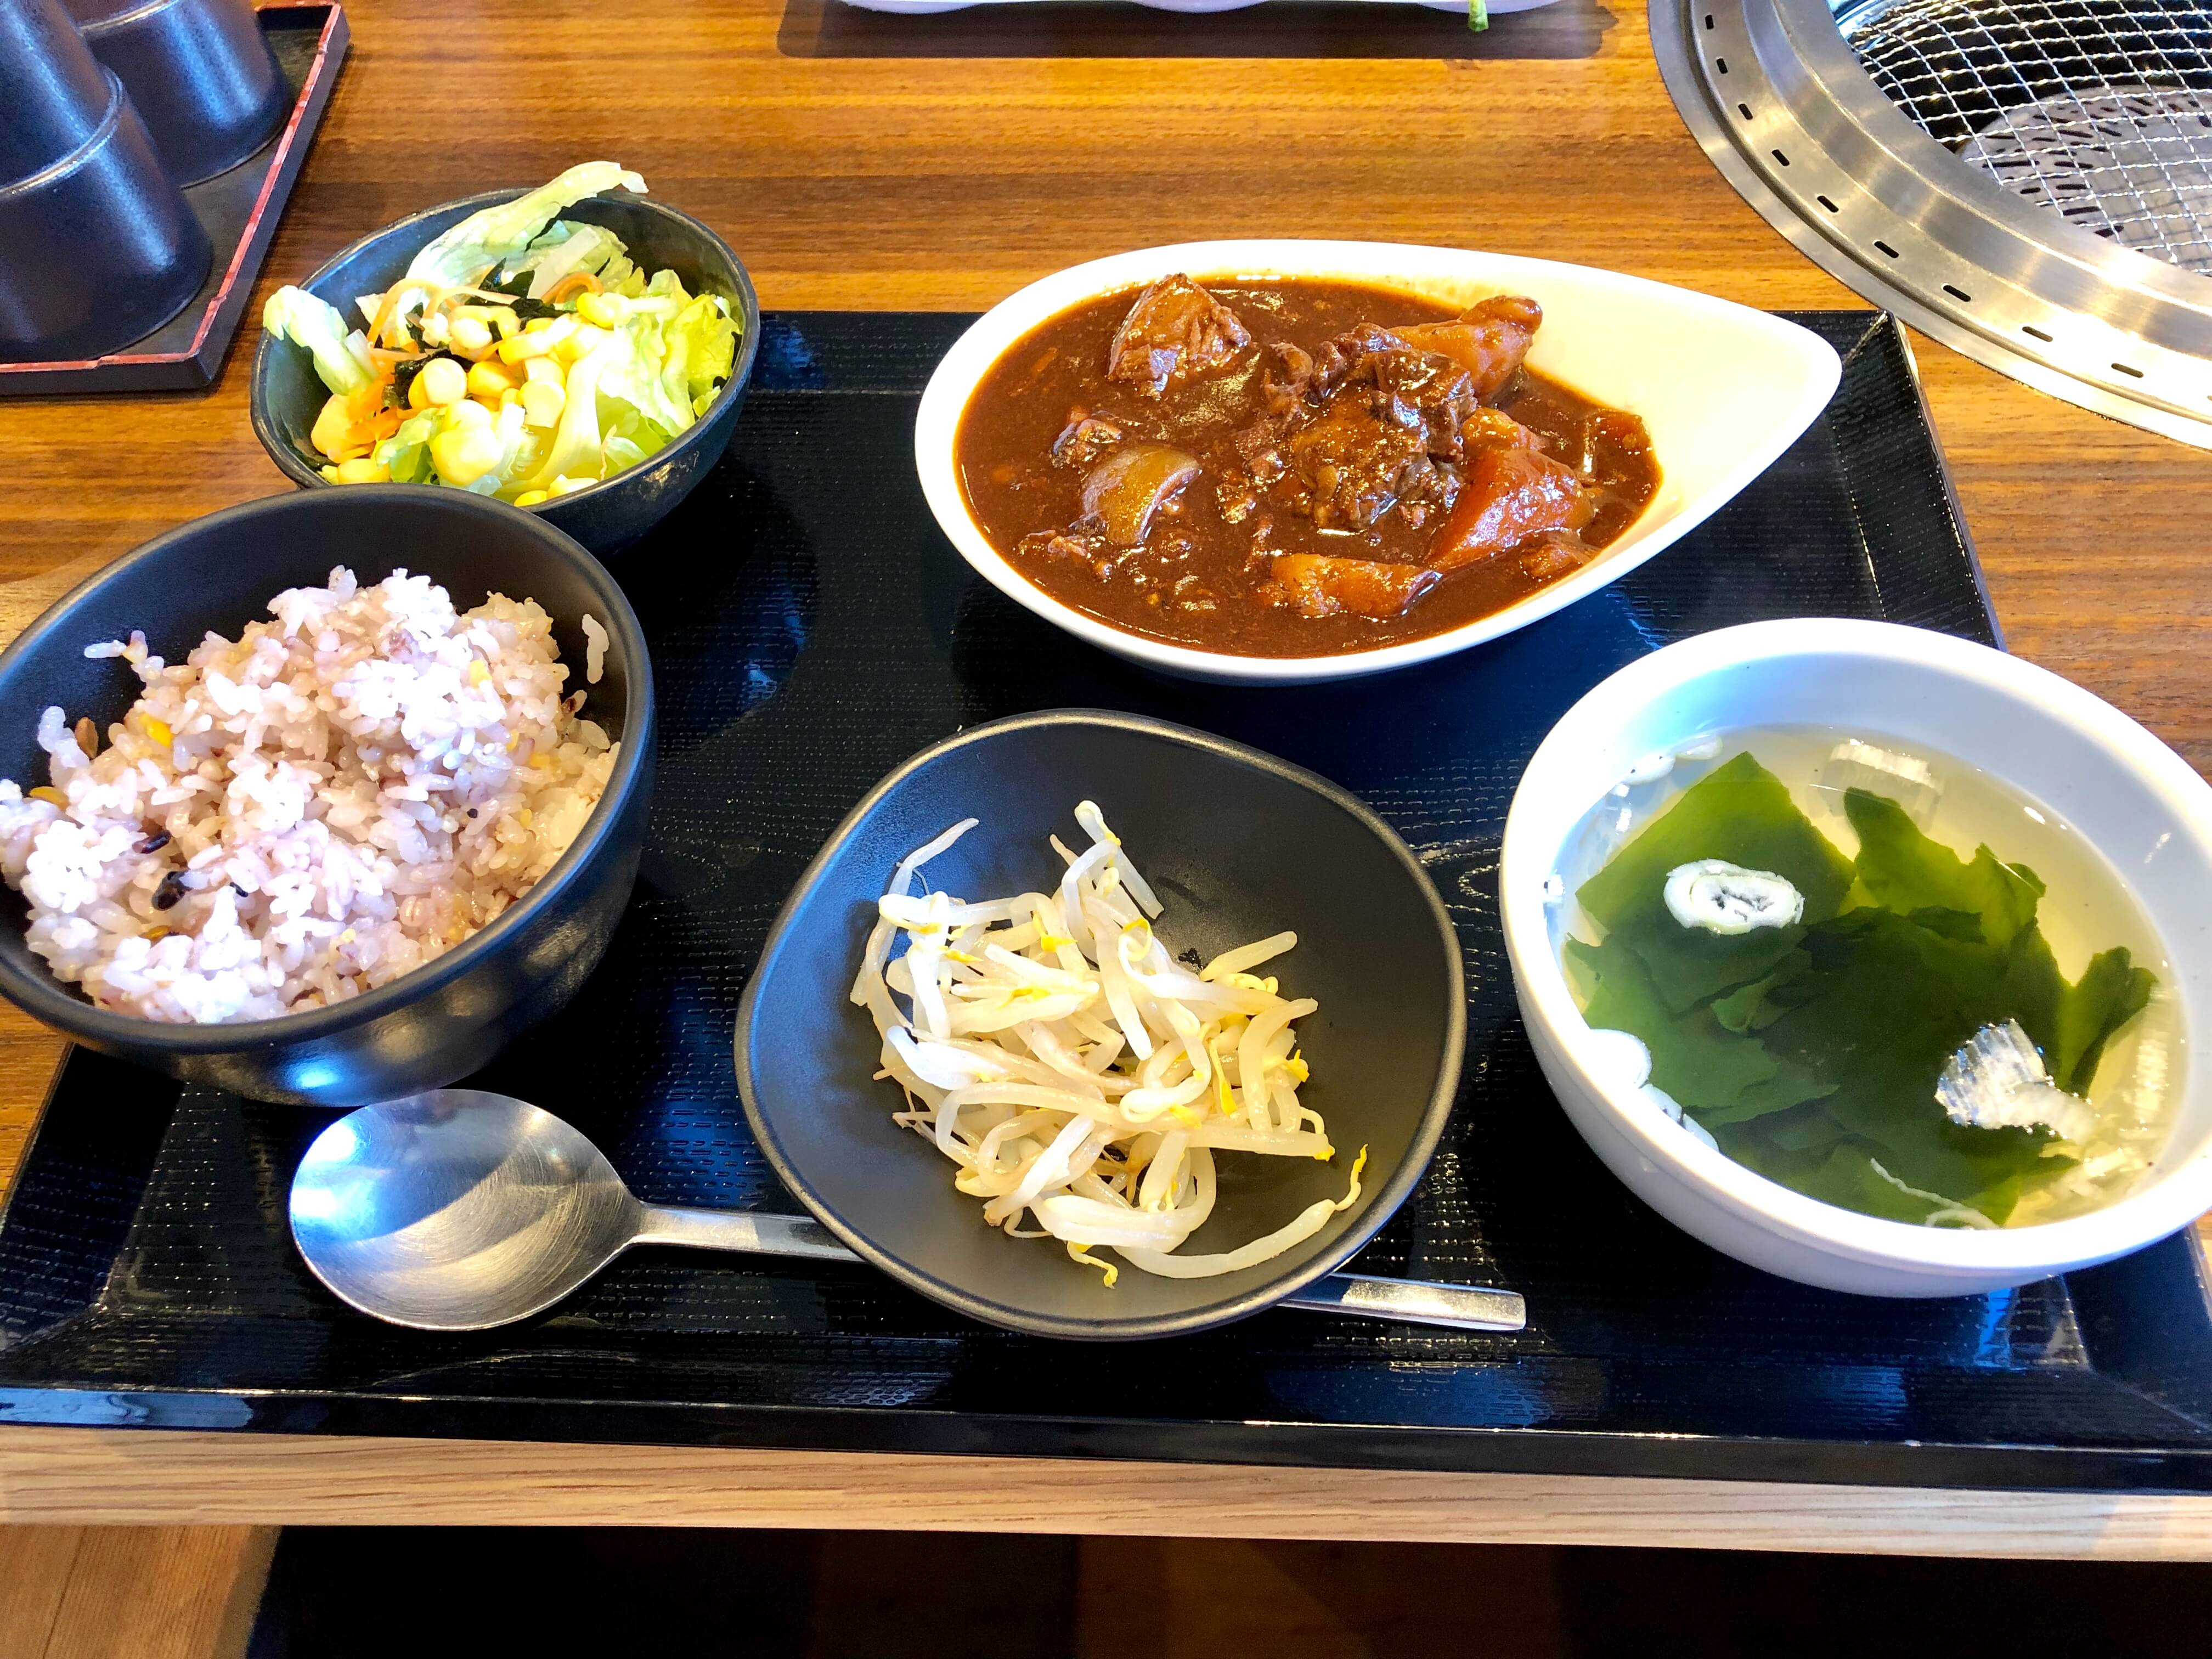 牛国屋 吉野町店の日替わり500円ランチ&レディースランチが満足度大!土日祝日も食べられる♪